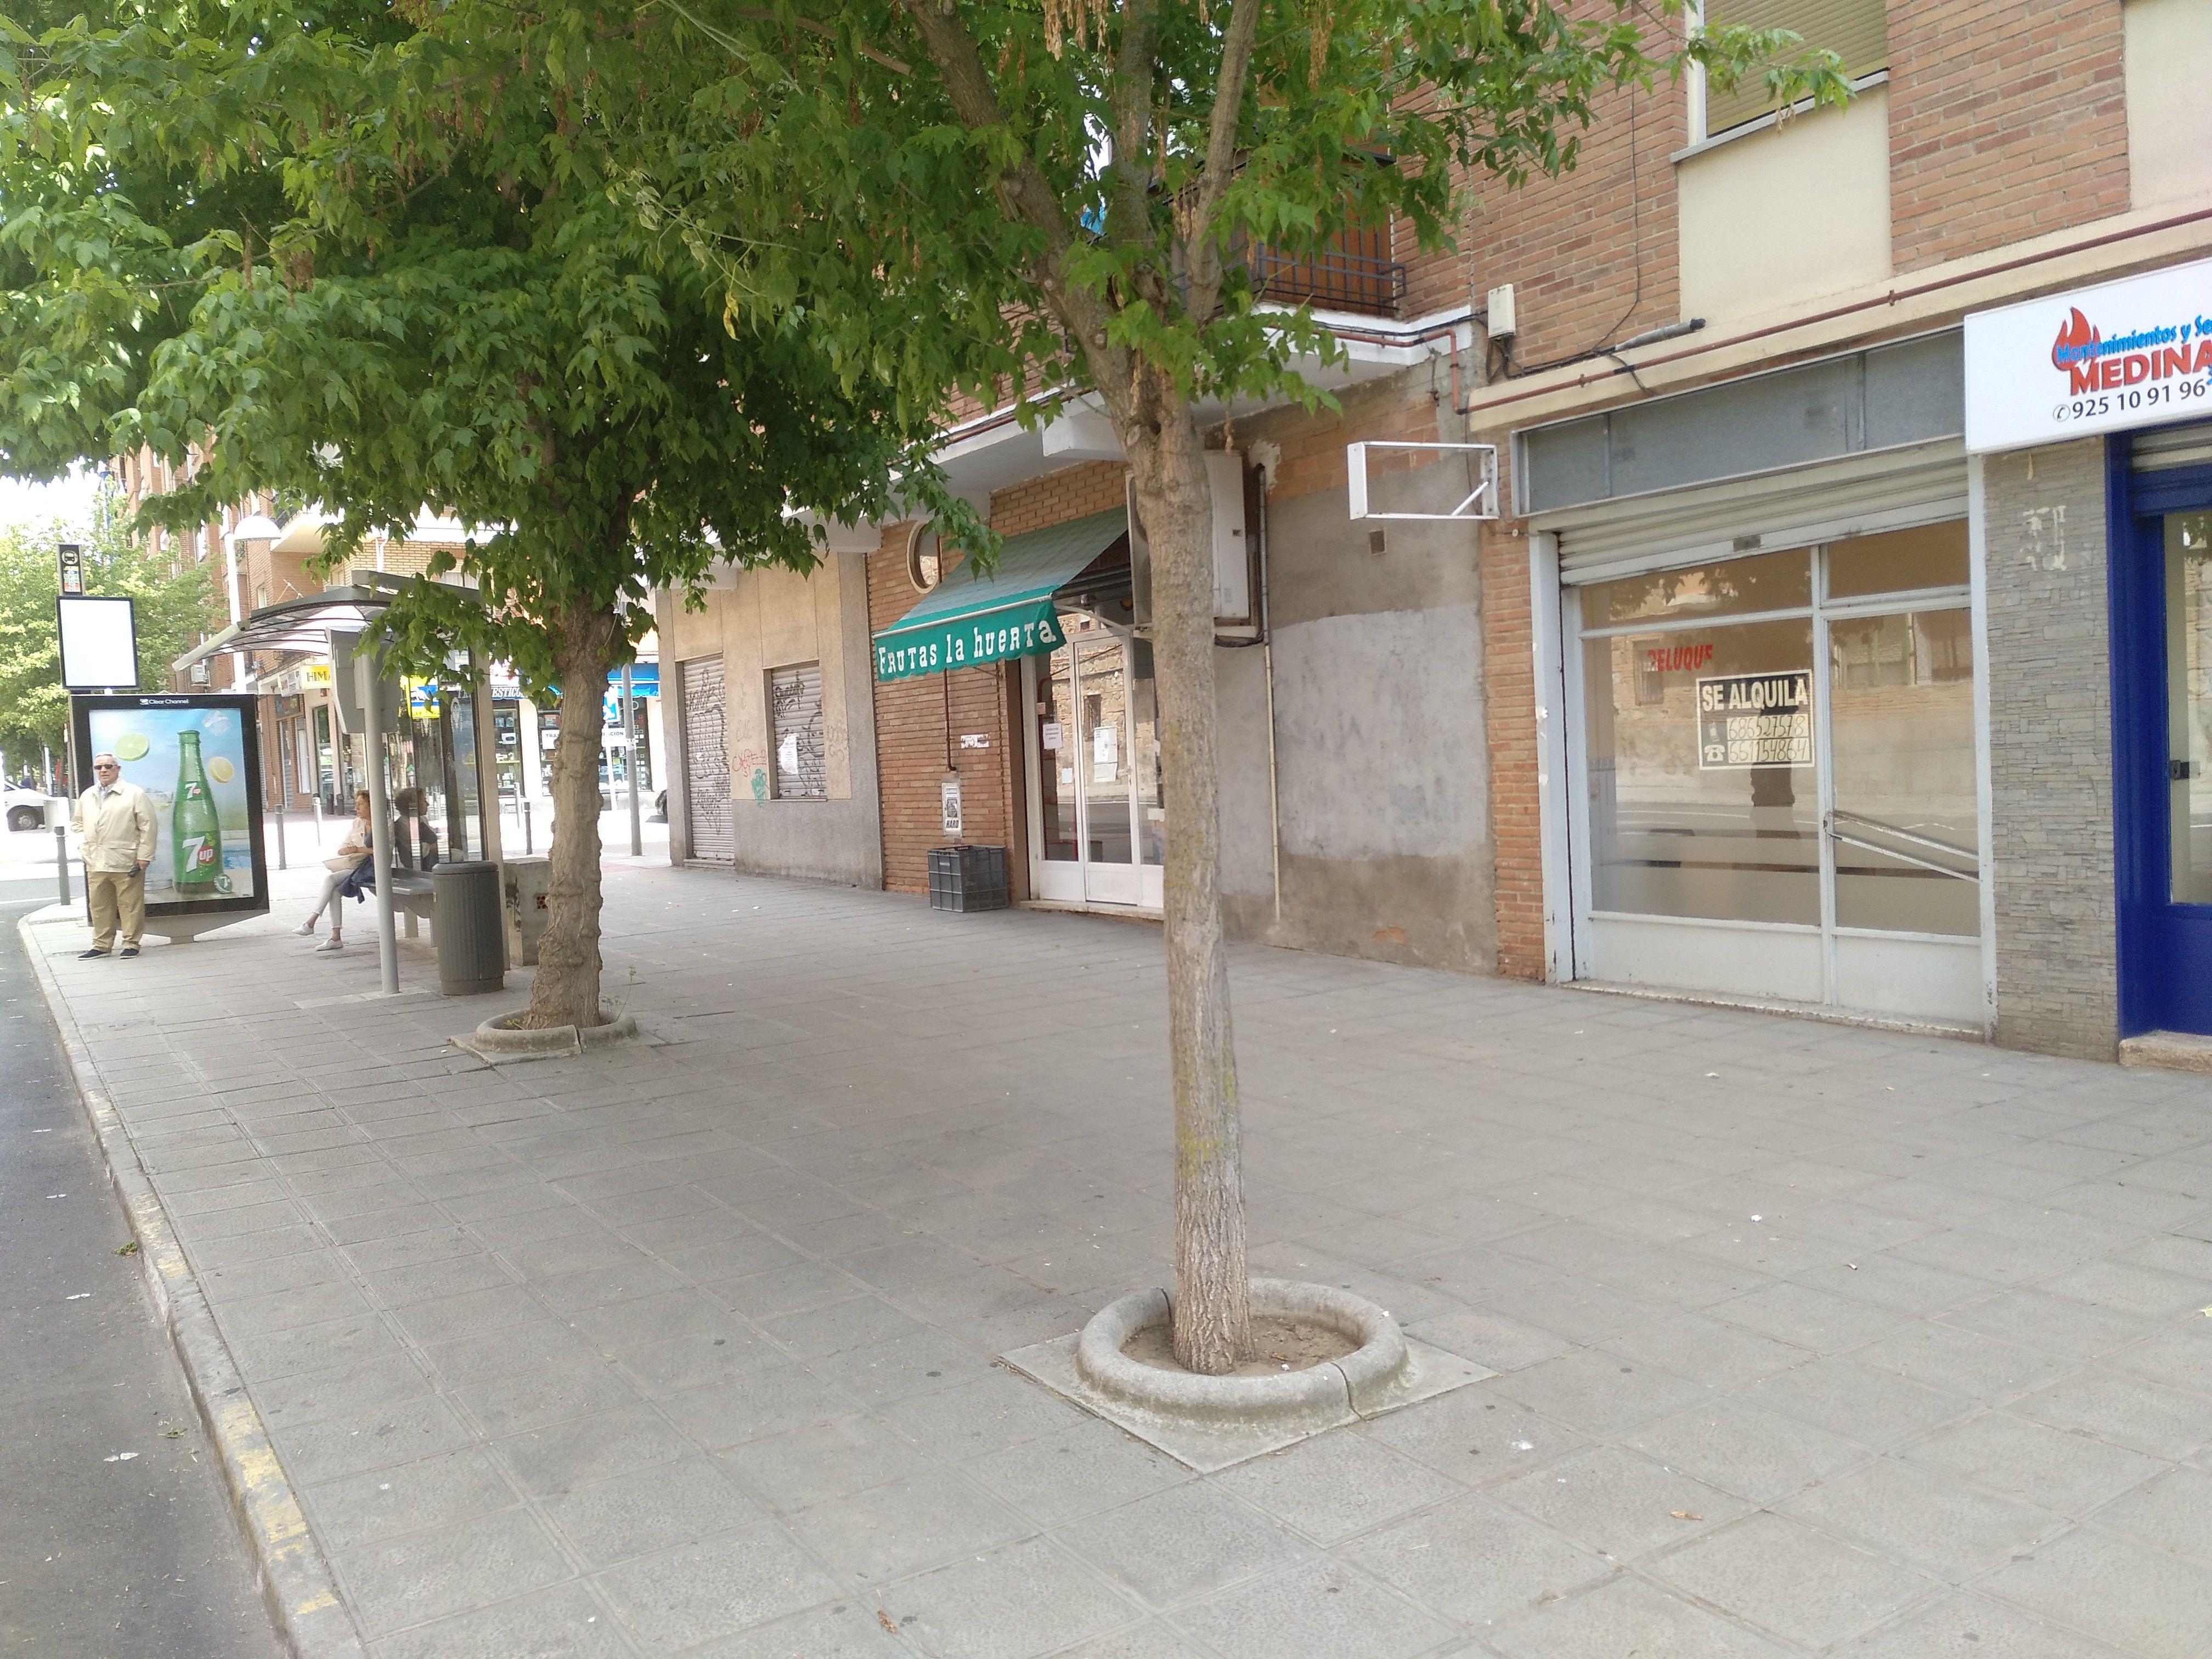 Venta de locales en Toledo